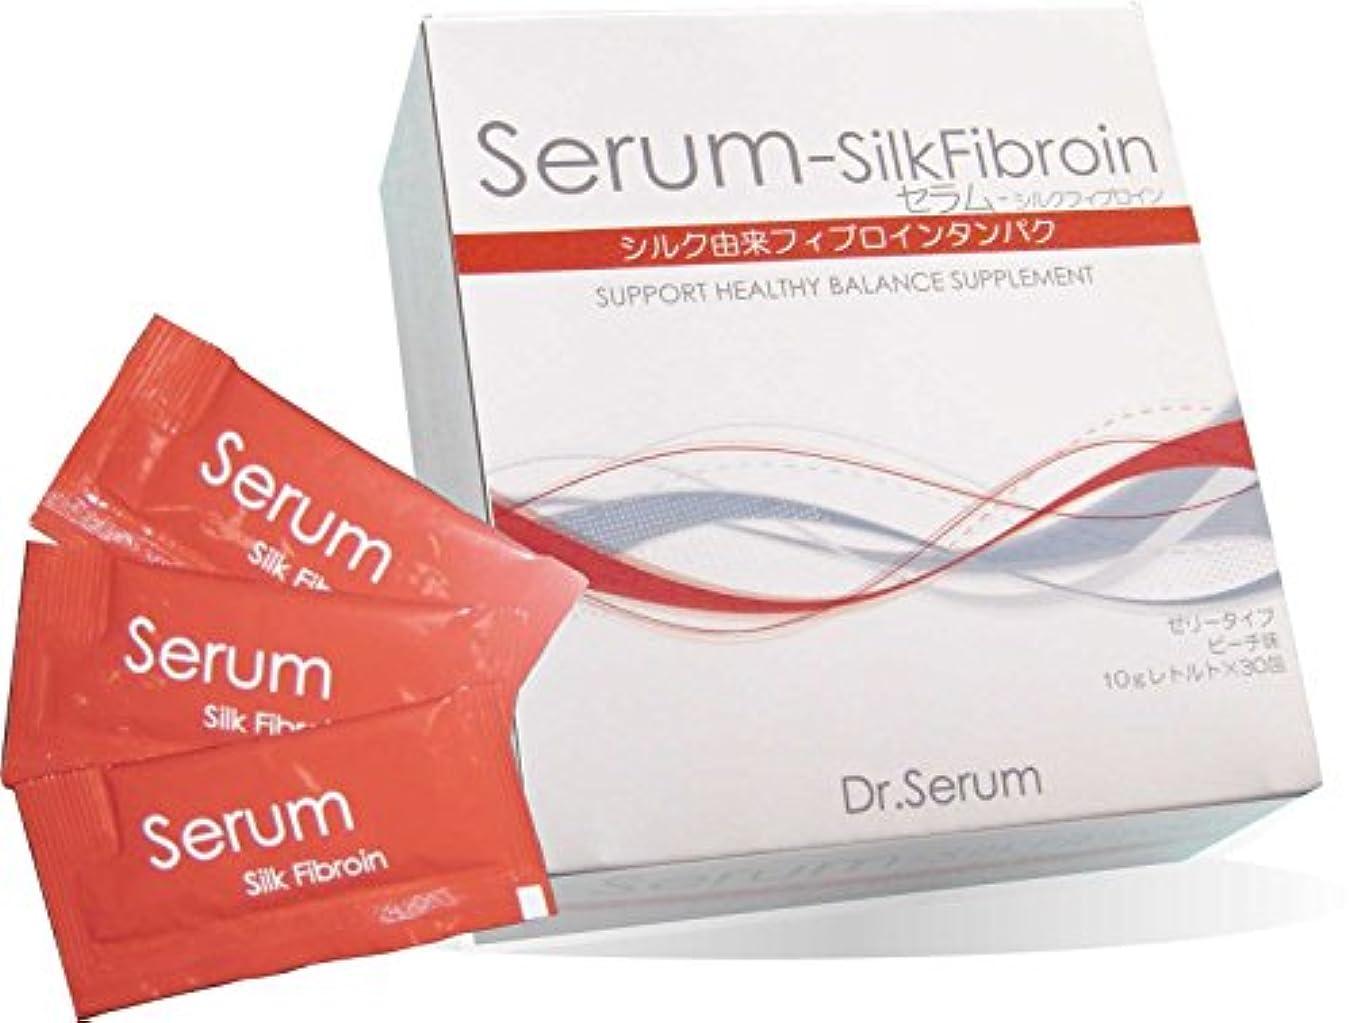 レビューに勝るクリスチャン【Silk Fibroin】セラム-シルクフィブロイン 10g×30包×3箱セット 特許取得の食べるシルクダイエット